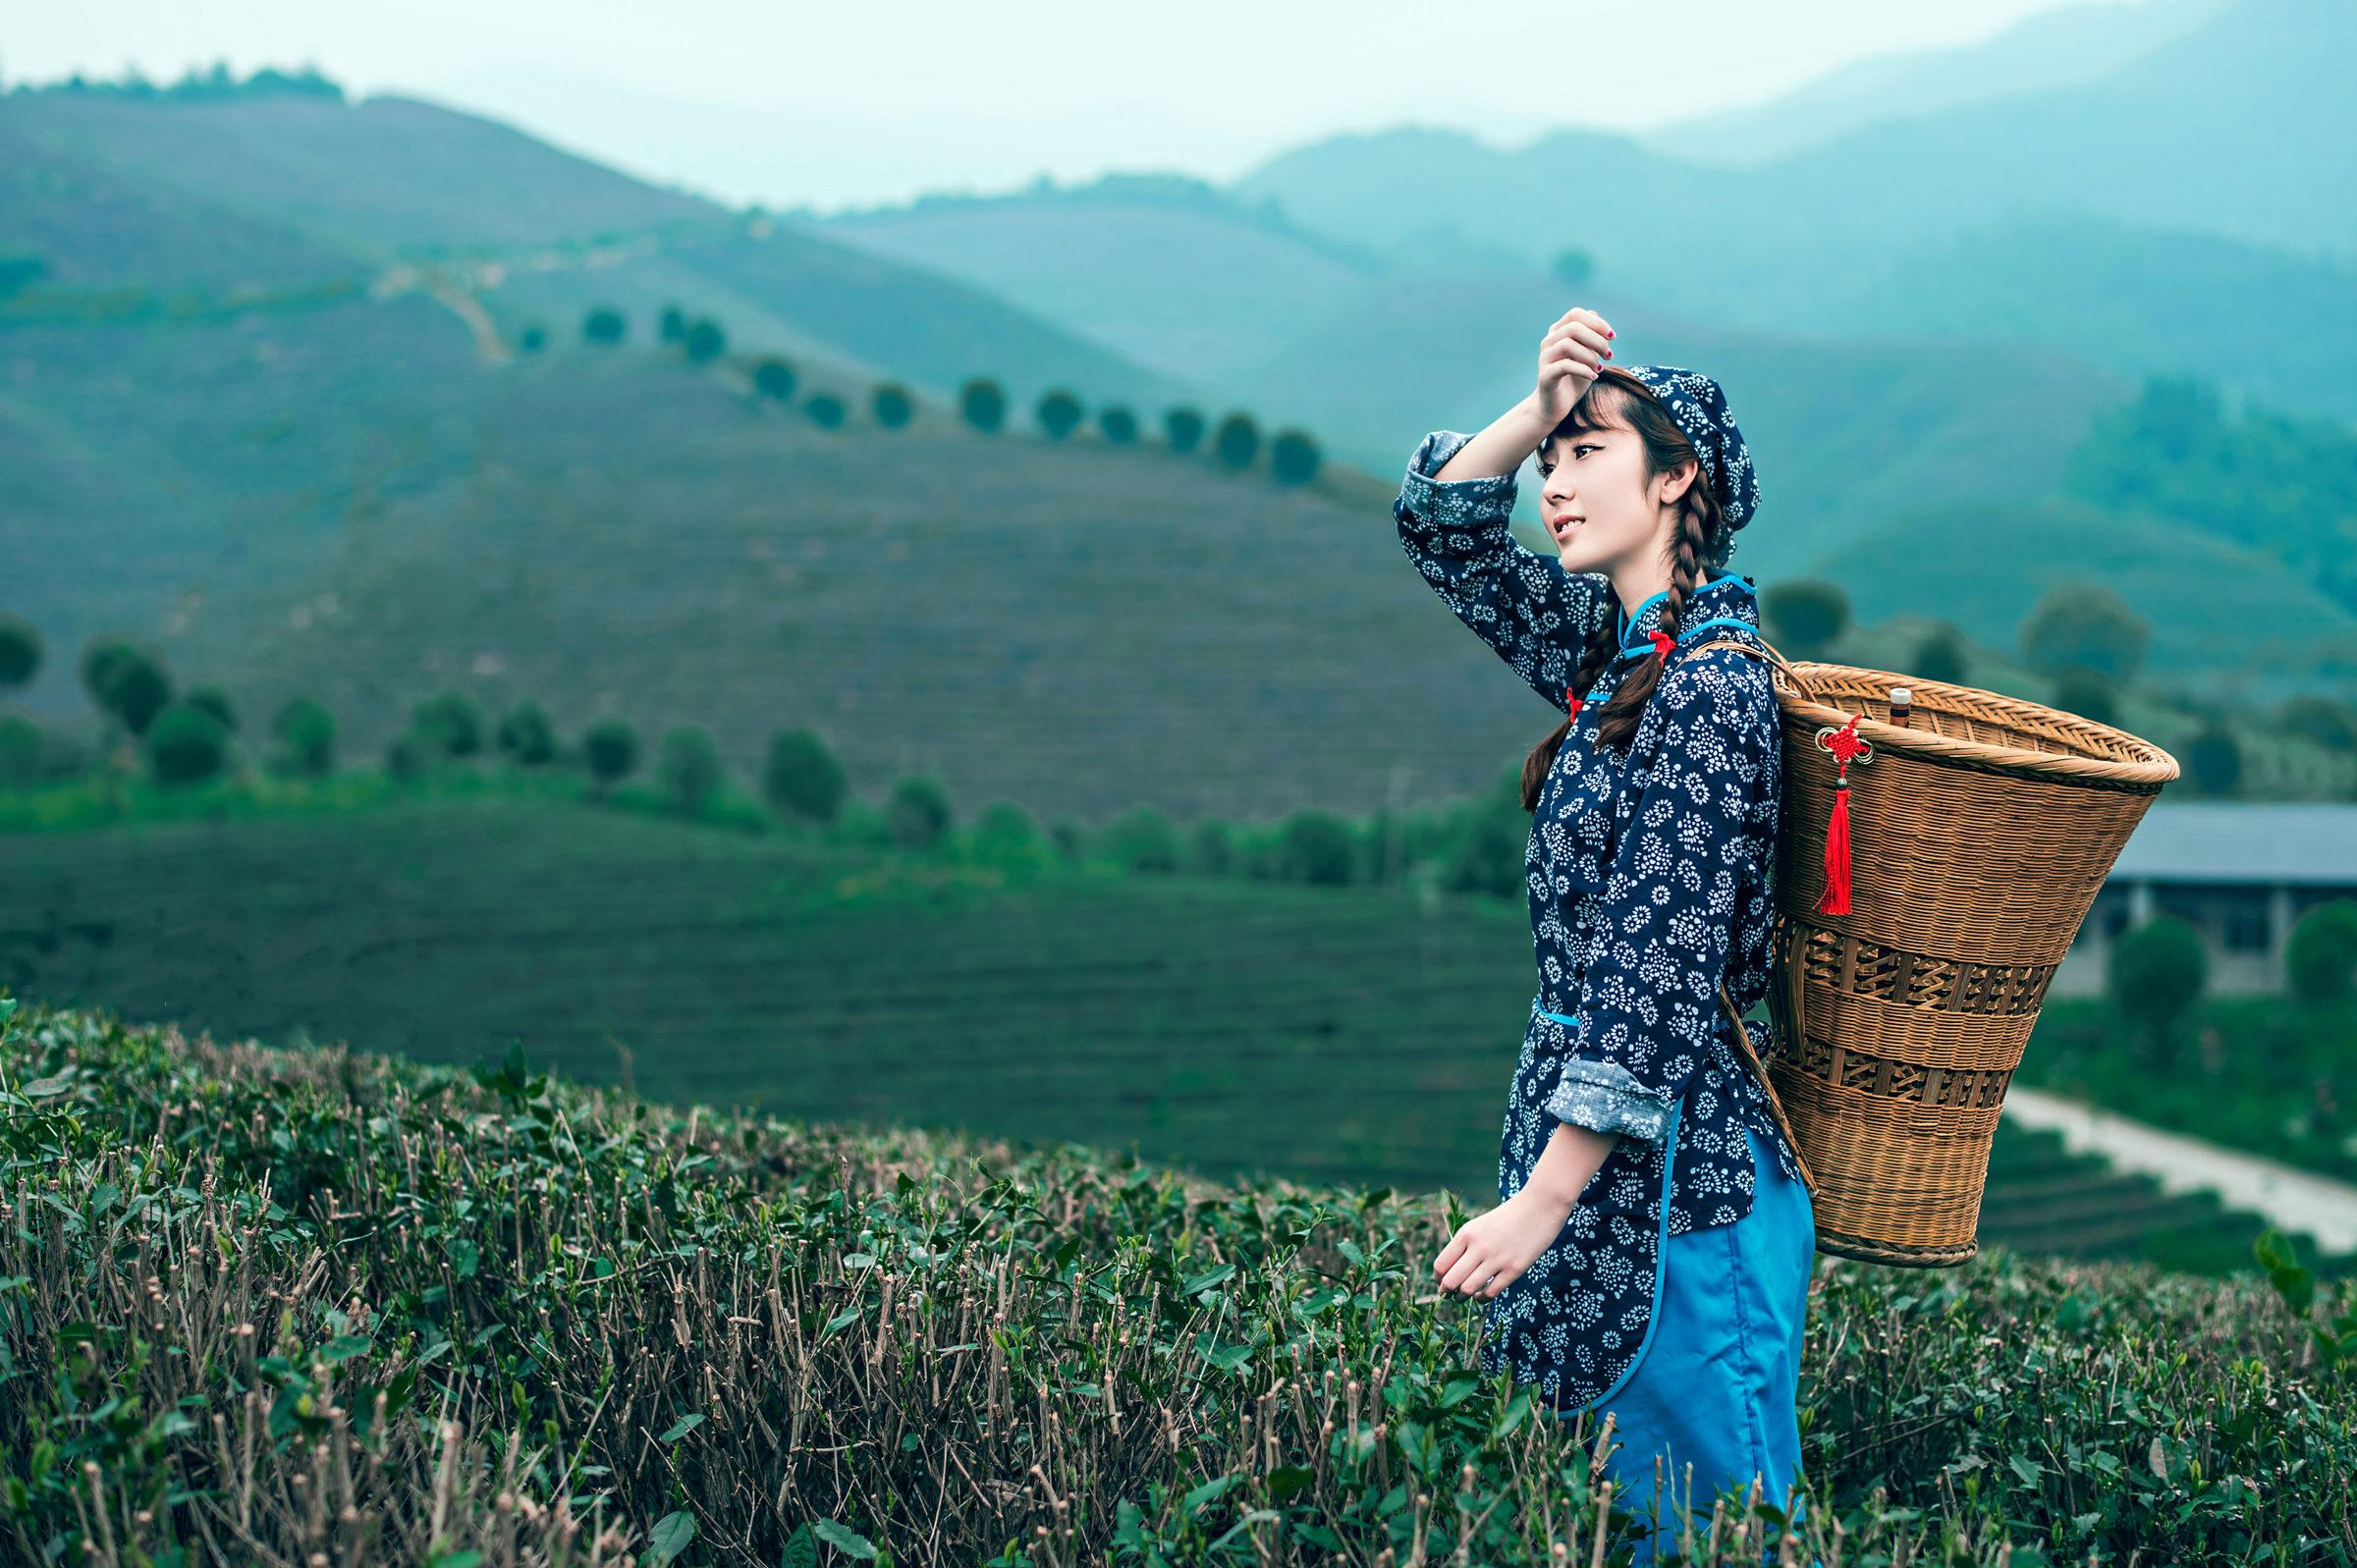 中国高山上来了一采茶美少女-茶女背影-南岳好男生图片肩膀靠女生图片